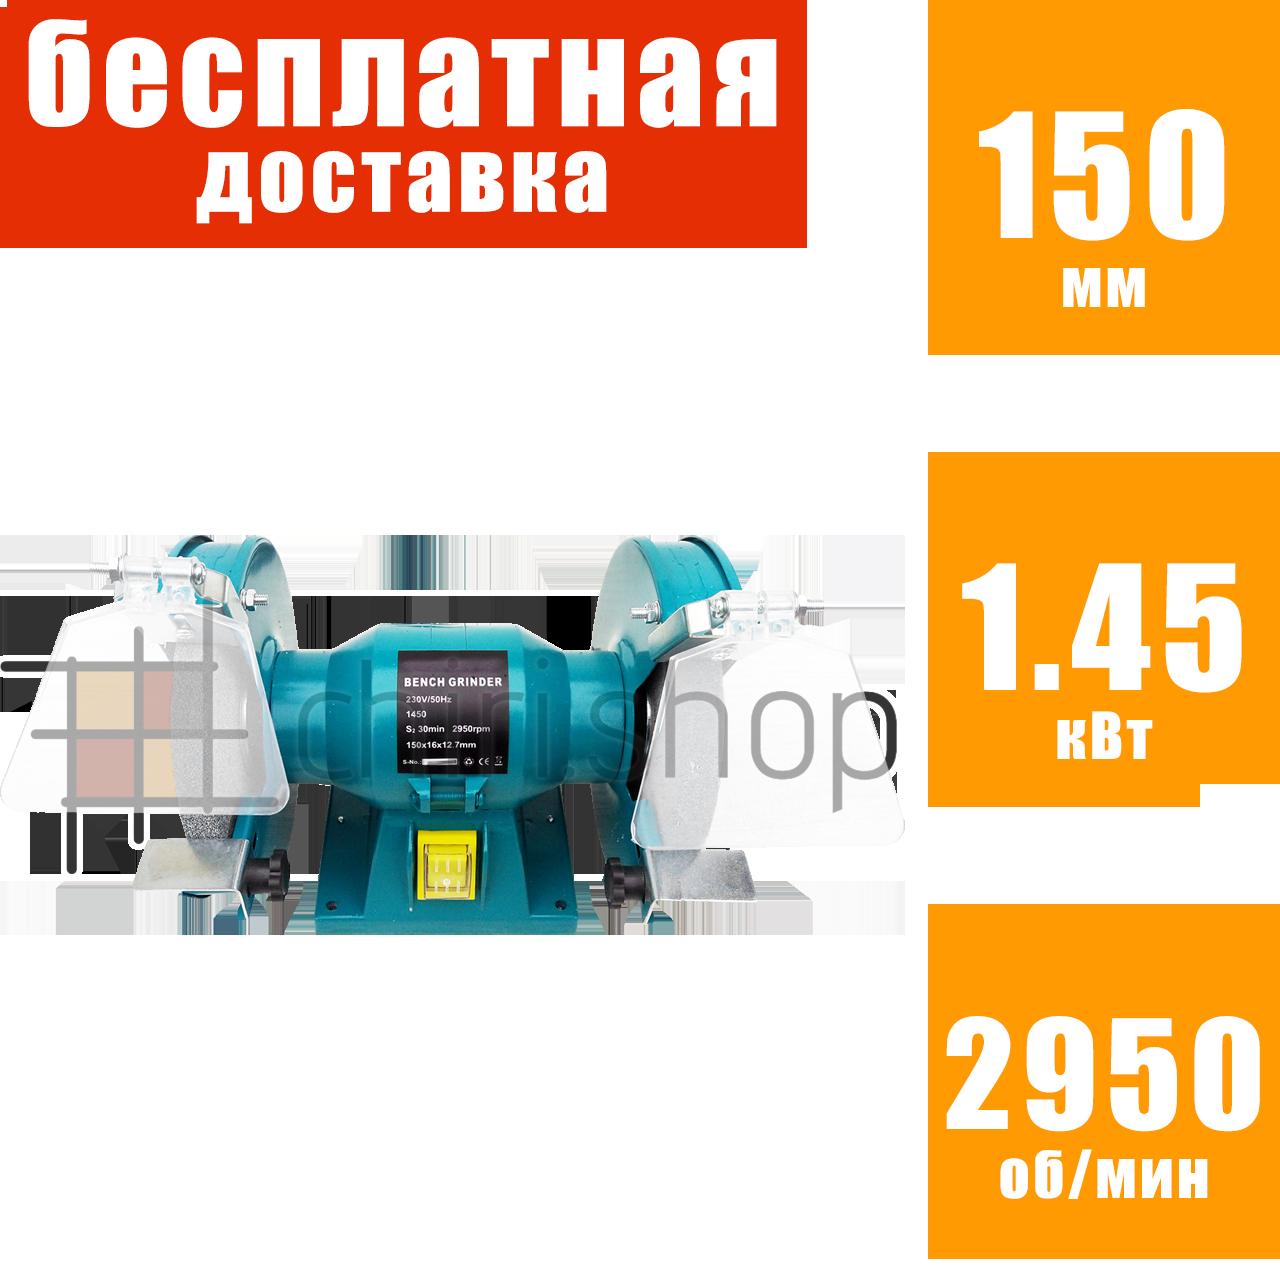 Точило электрическое 150 мм Eurotec BG 101, электроточило, точильный станок наждачный, электронаждак